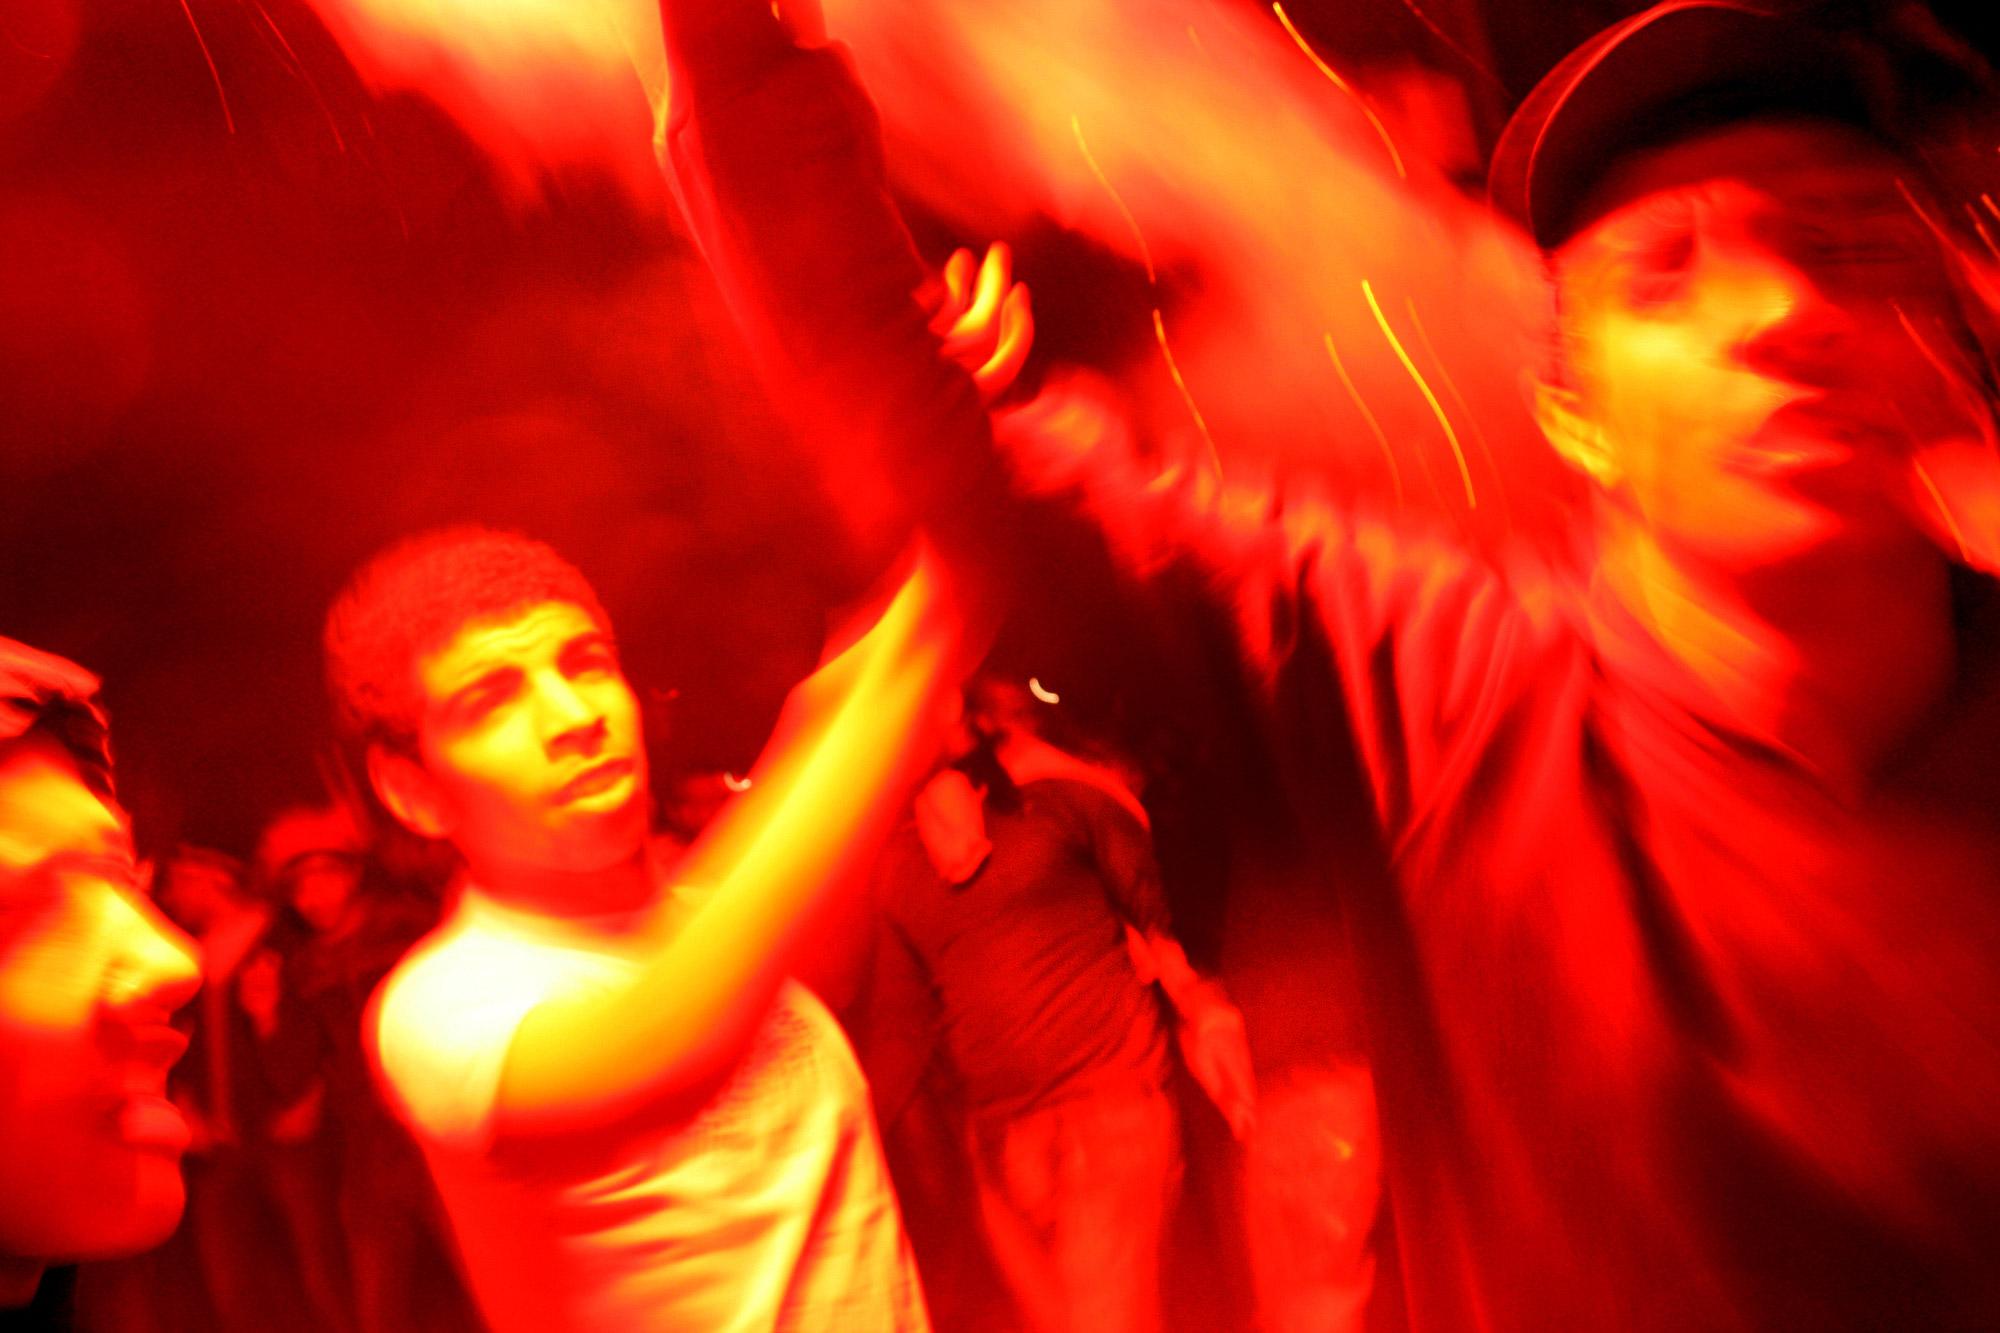 6:46 p.m. Demonstrators light fireworks and dance while celebrating the resignation of Egyptian President Hosni Mubarak in Tahrir Square, Cairo, Feb. 11, 2011.